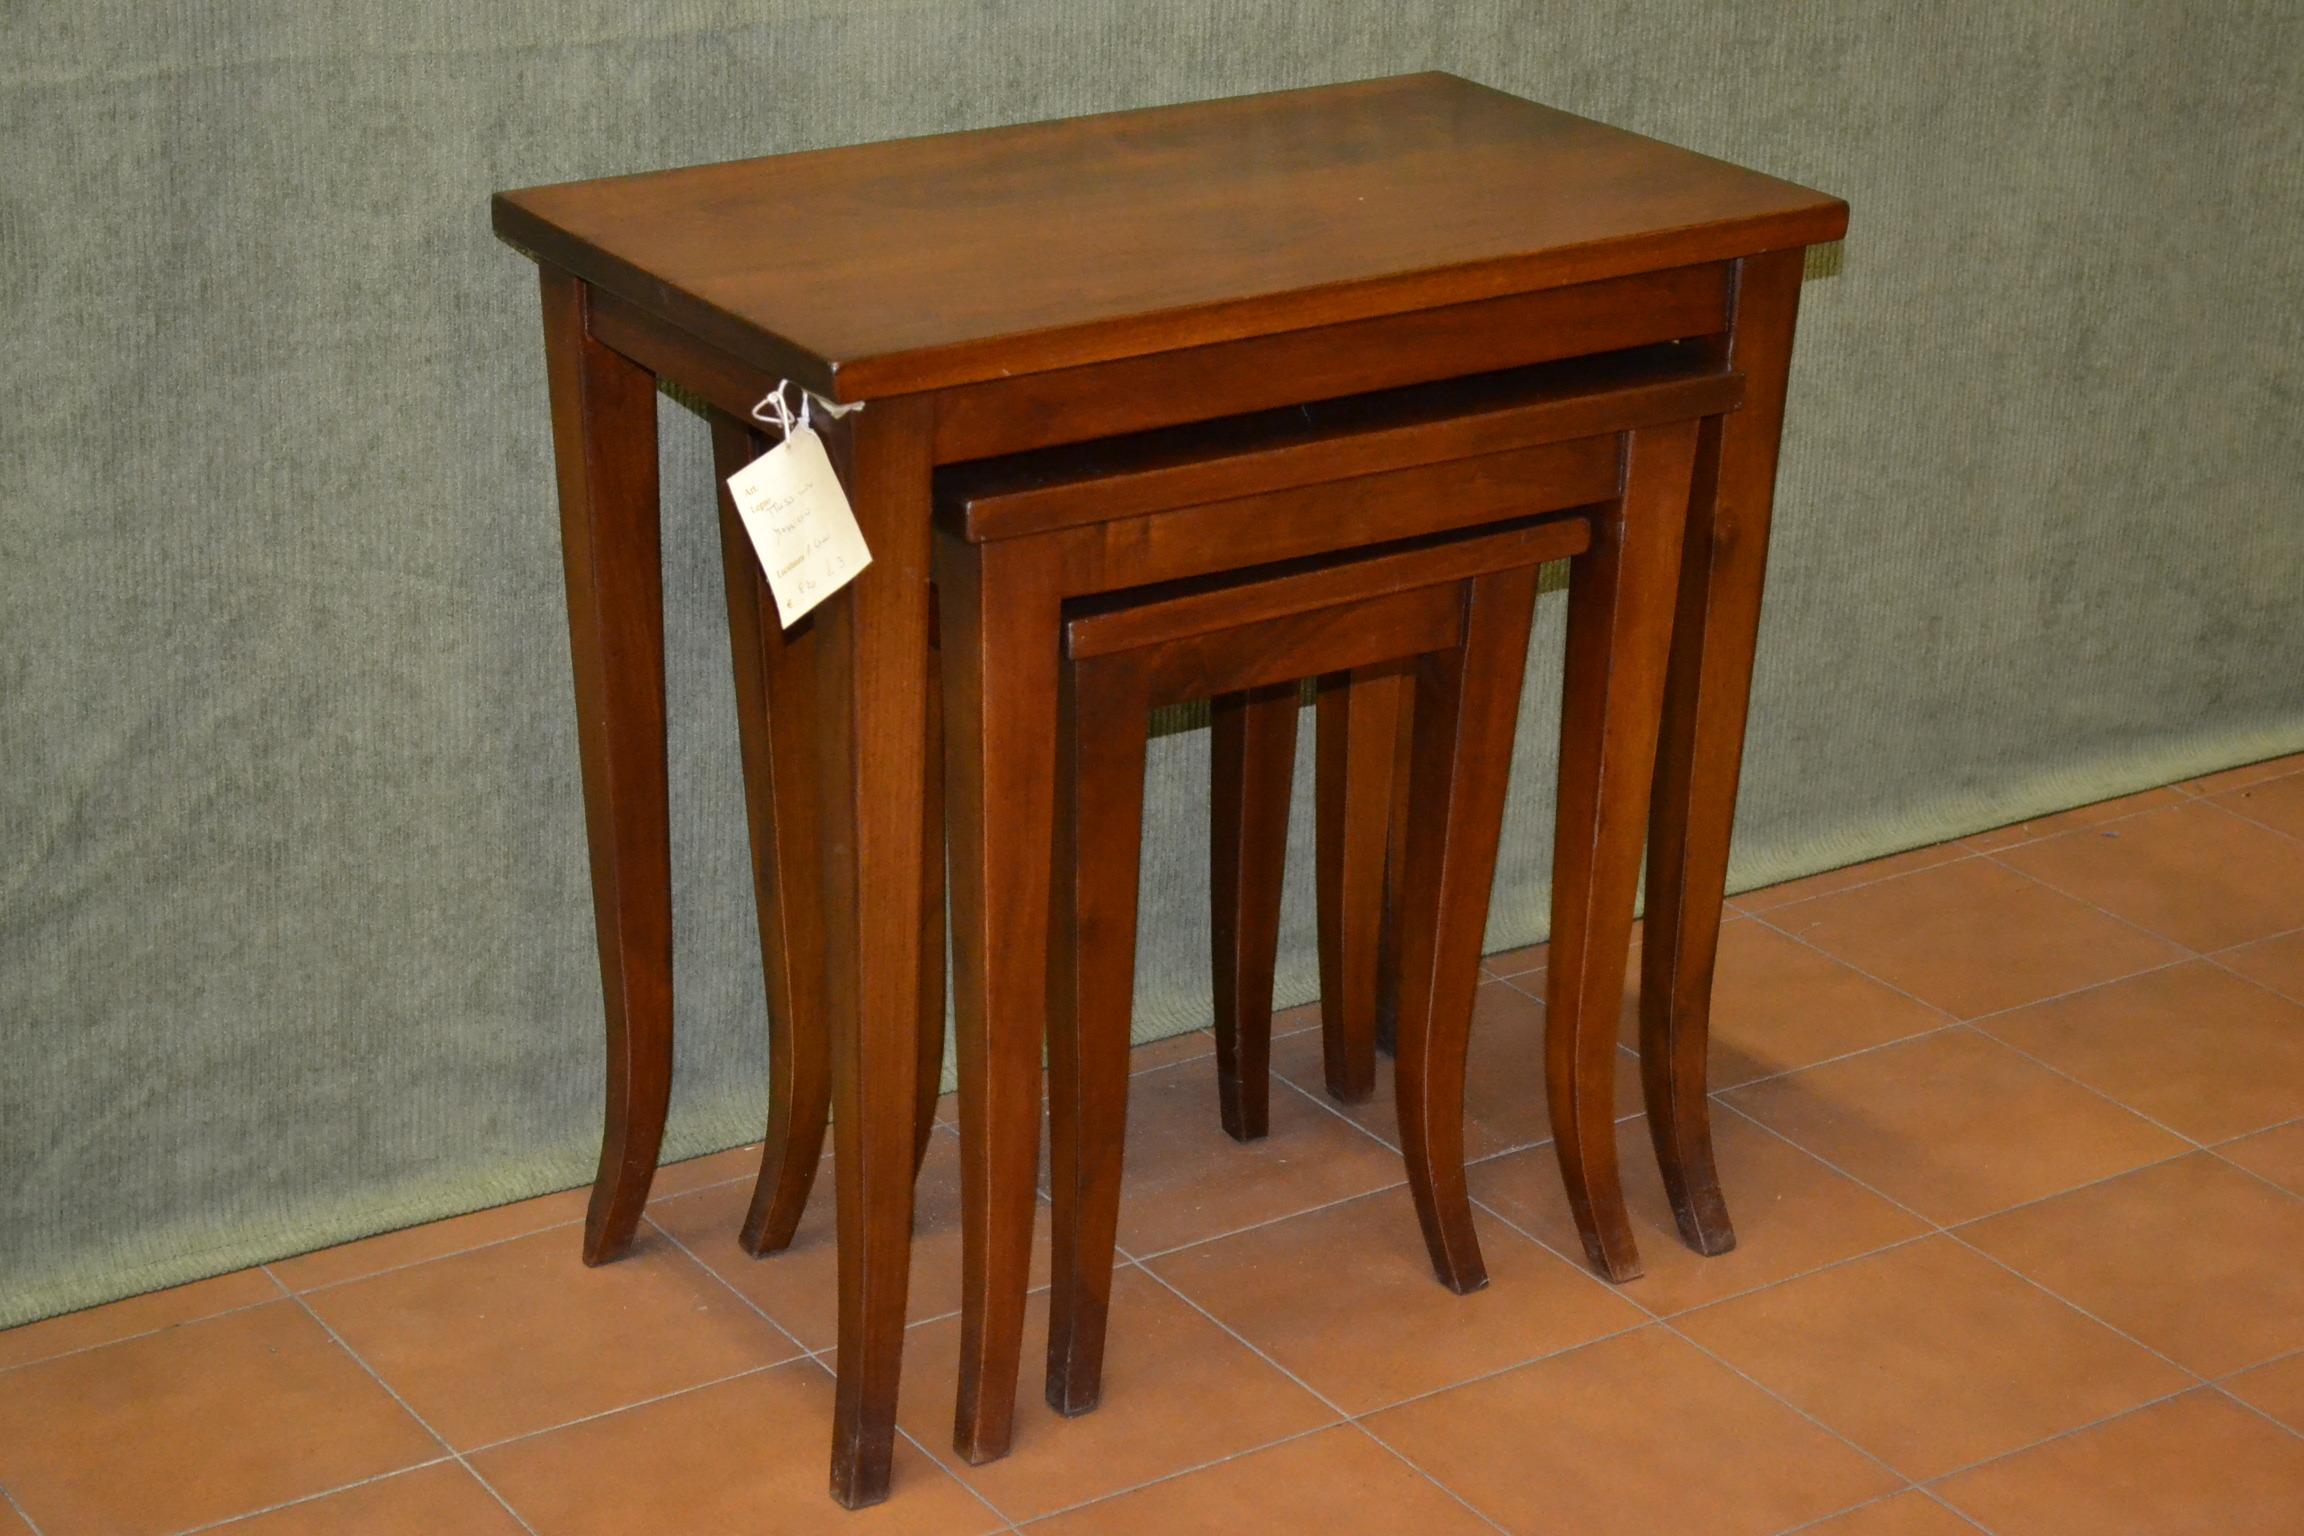 Triss di tavolini con gamba a sciabola livio bernardi - Tris di tavolini ...